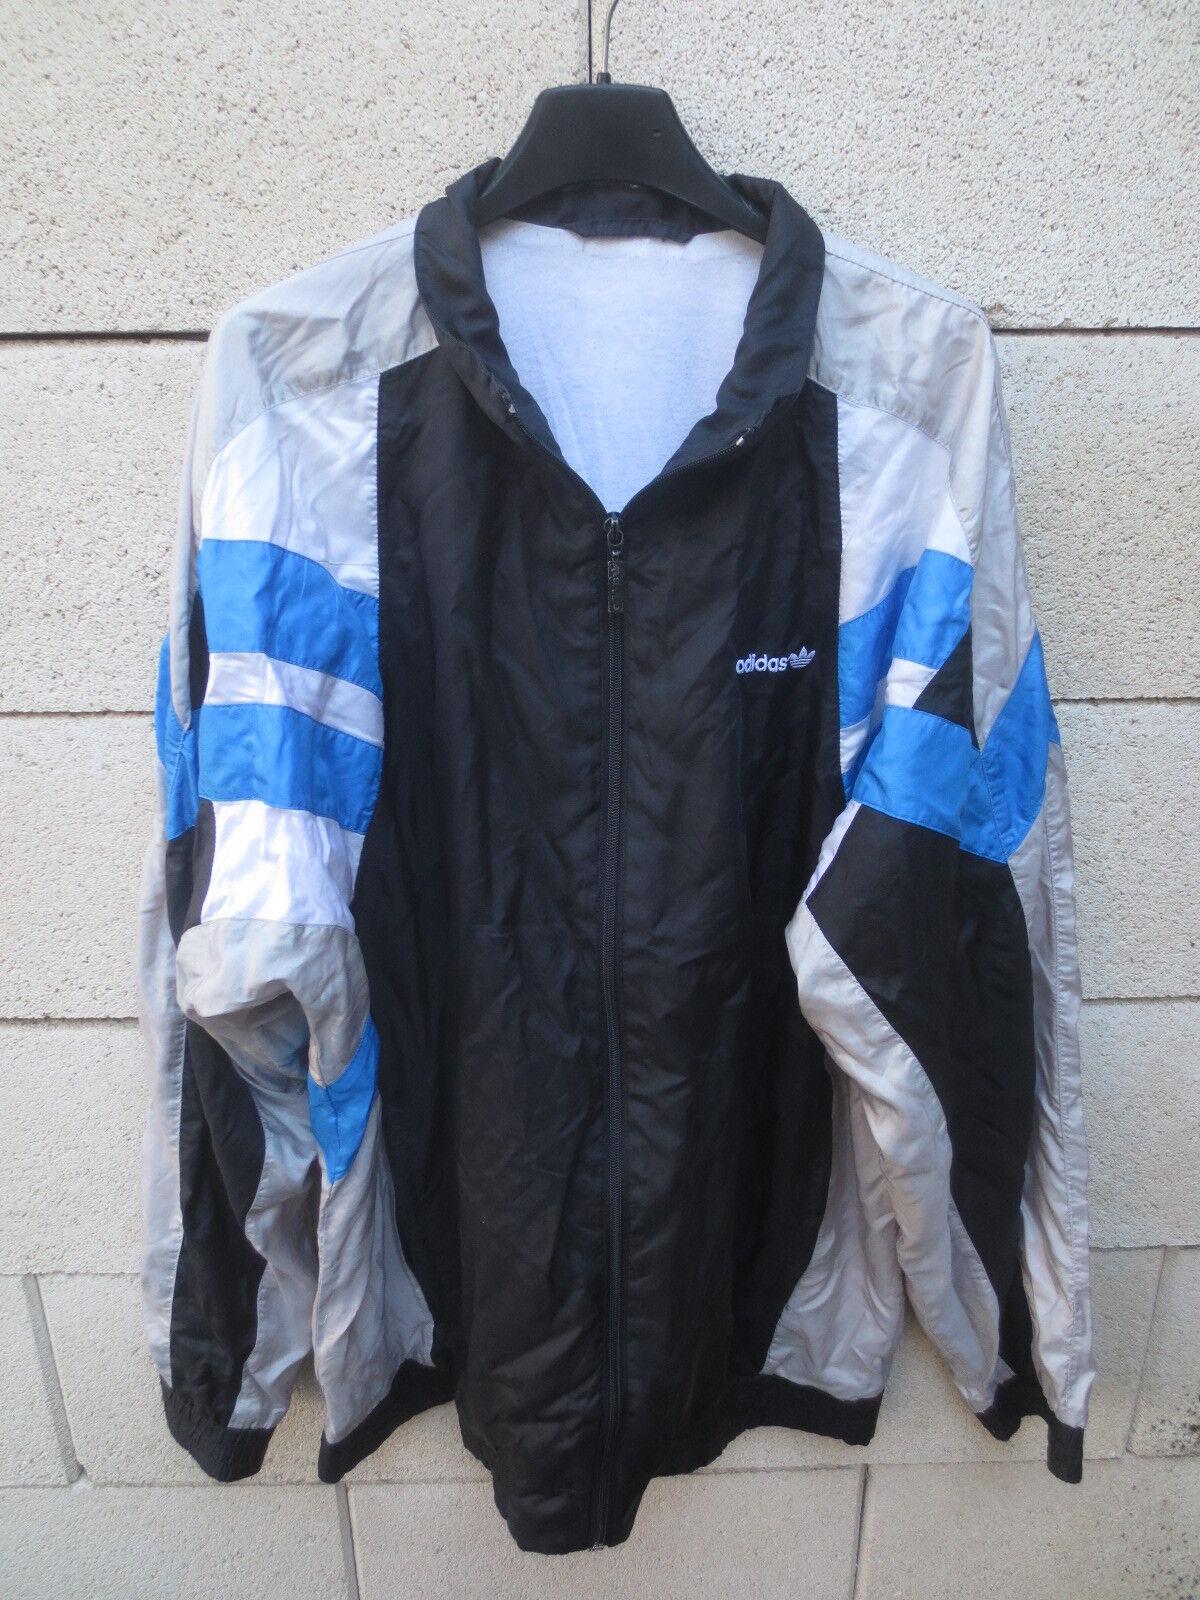 Jacke Parachute Noir Tracktop Adidas 90's Xl Nylon Veste Jacket wUx4qEz8z